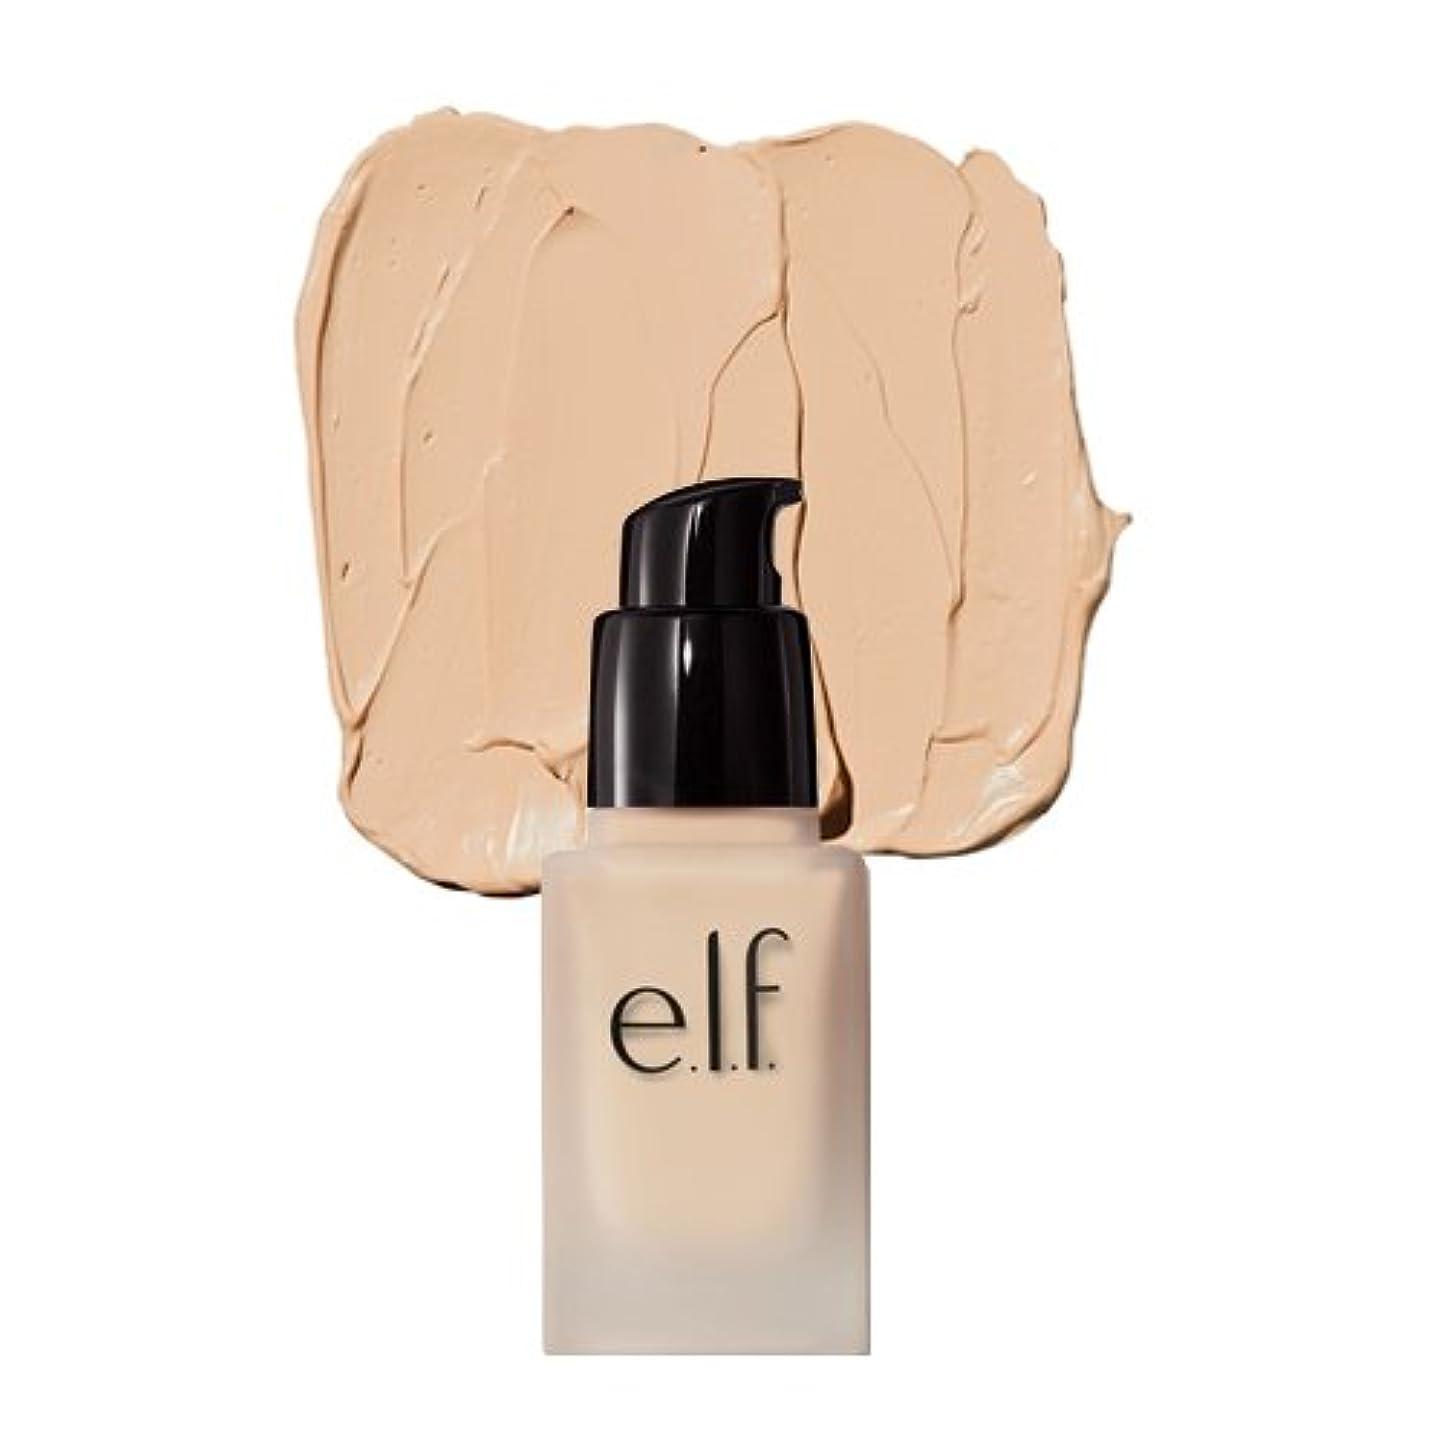 不機嫌そうな損失水曜日(6 Pack) e.l.f. Oil Free Flawless Finish Foundation - Light Ivory (並行輸入品)